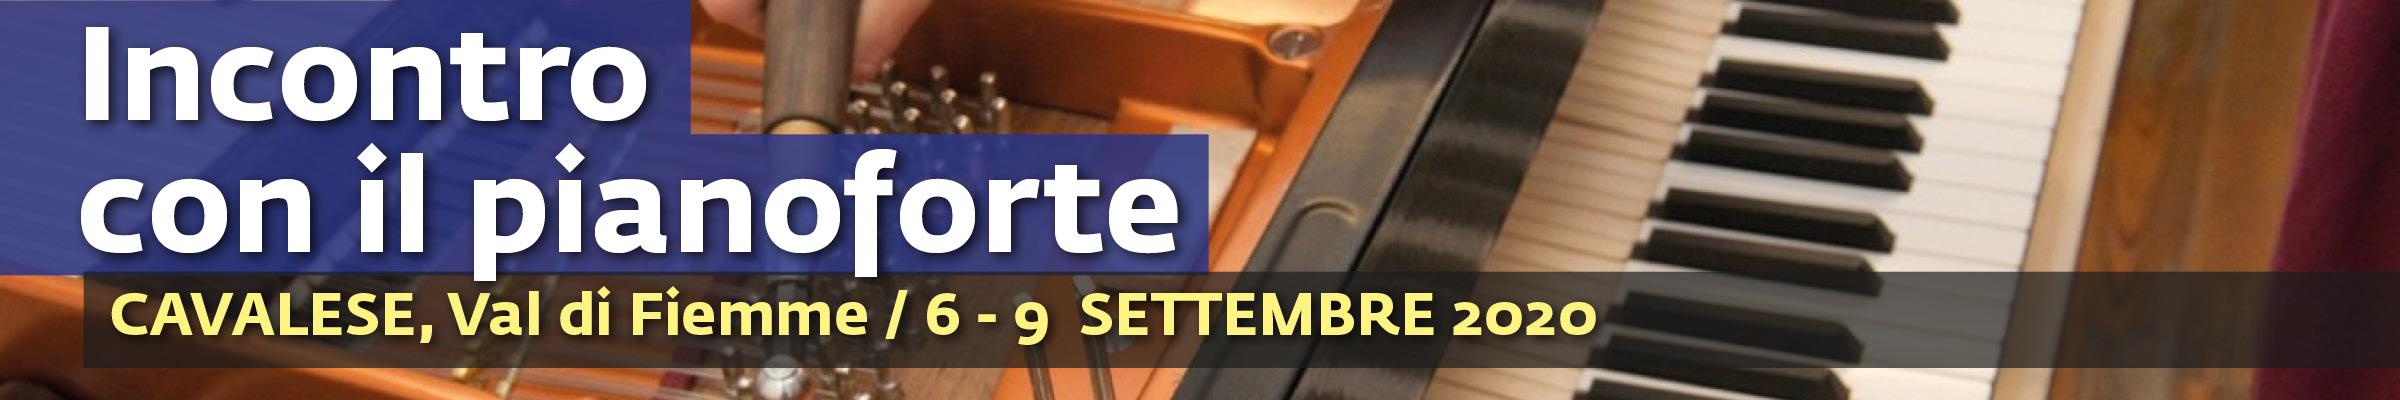 Incontro con il Pianoforte - Cavalese 6-10 settembre 2020